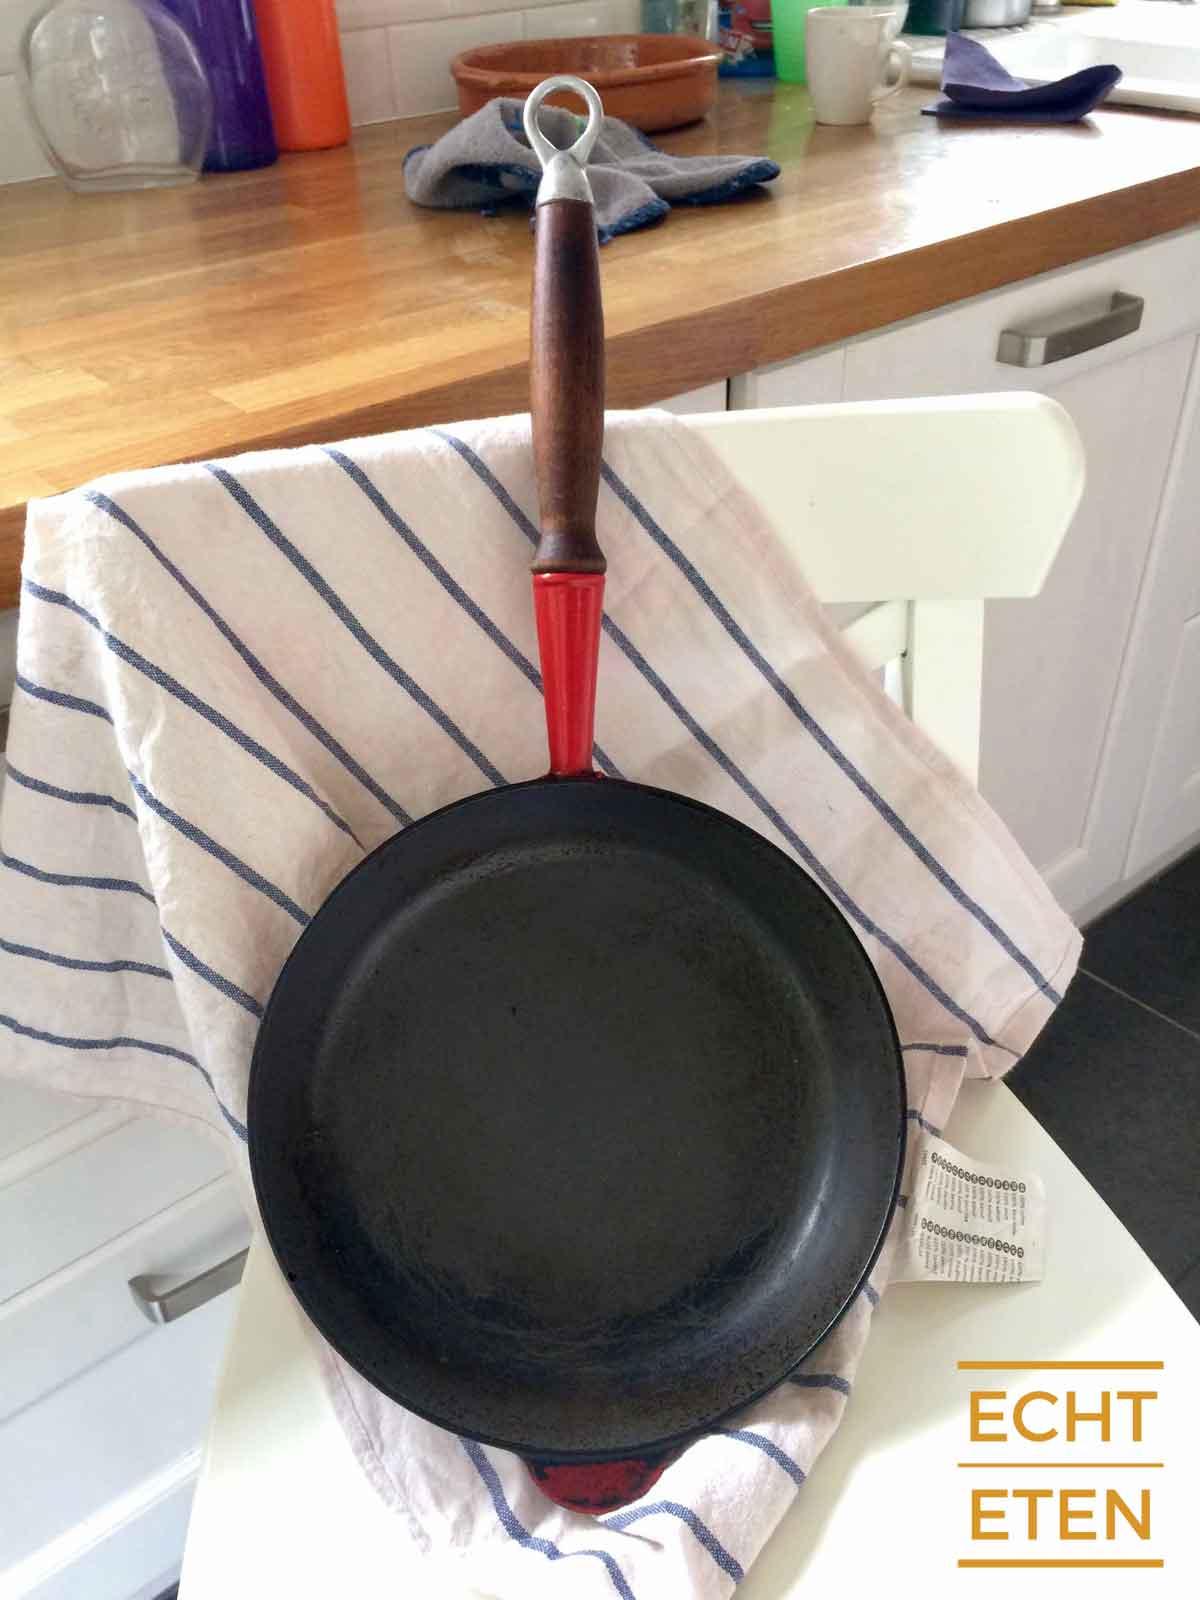 beste pan